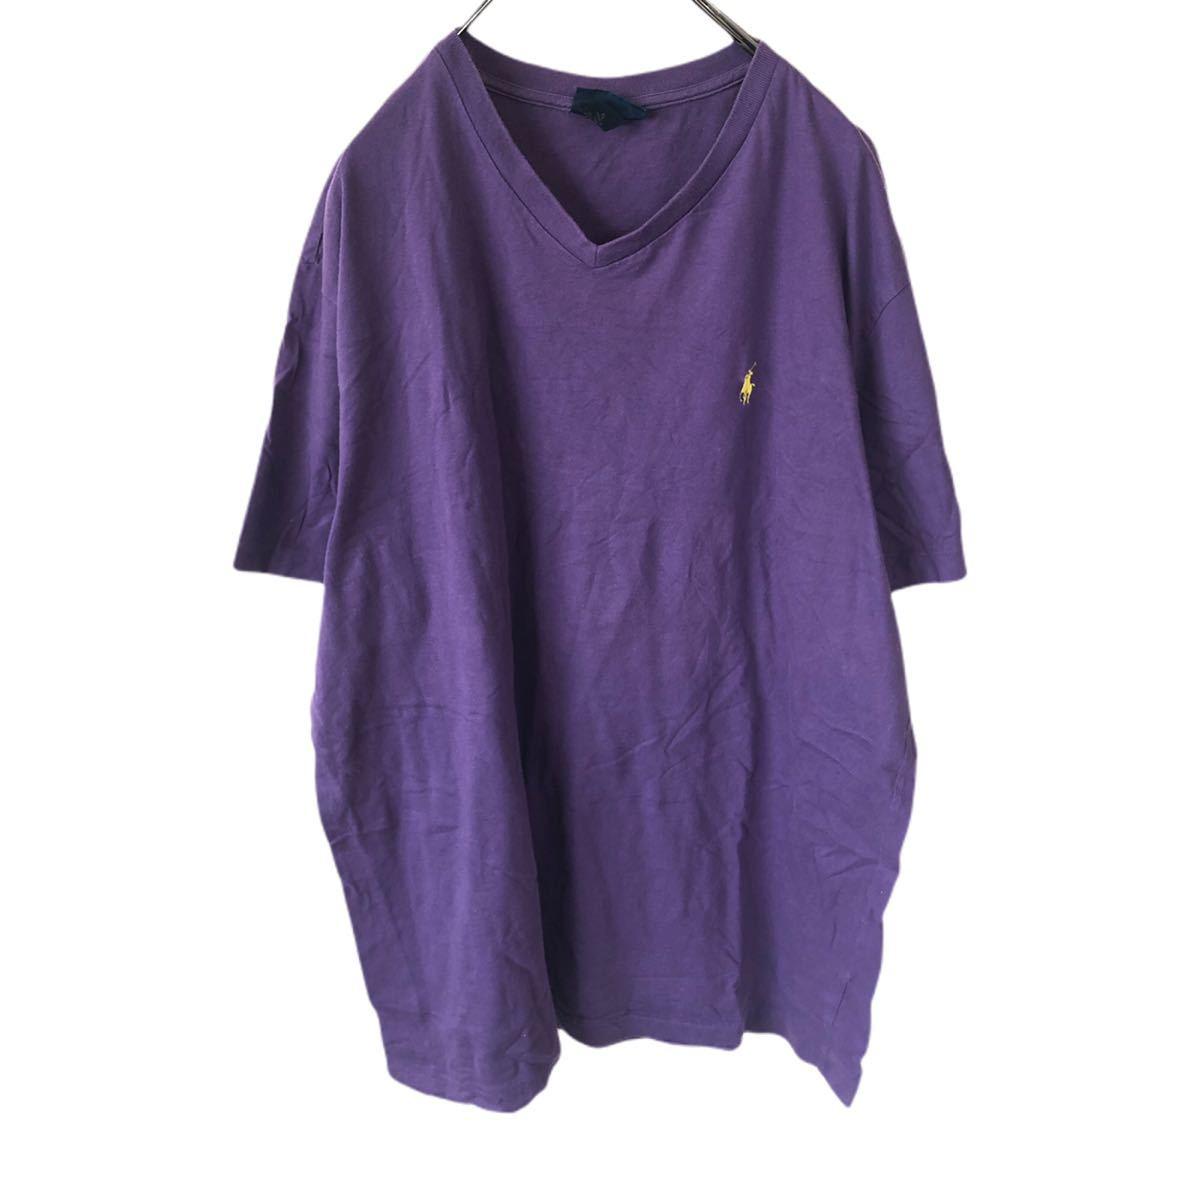 YR154 ポロバイラルフローレン POLO by Ralph Lauren 半袖 Tシャツ Vネック ワンポイント 刺繍ロゴ 紫 パープル ビッグサイズ メンズXL nn_画像1